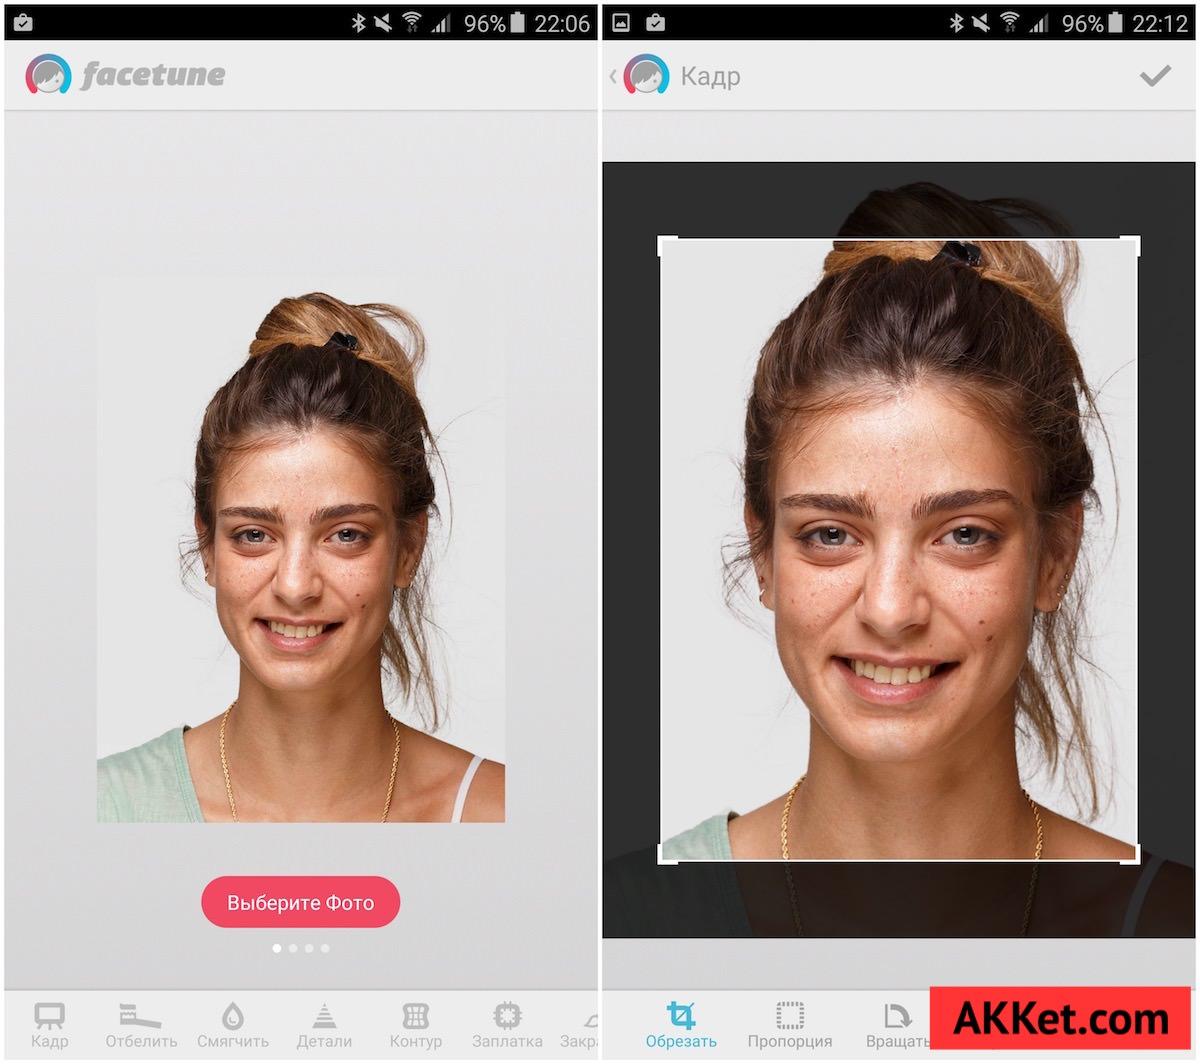 Как сделать свою фотографию идеальной